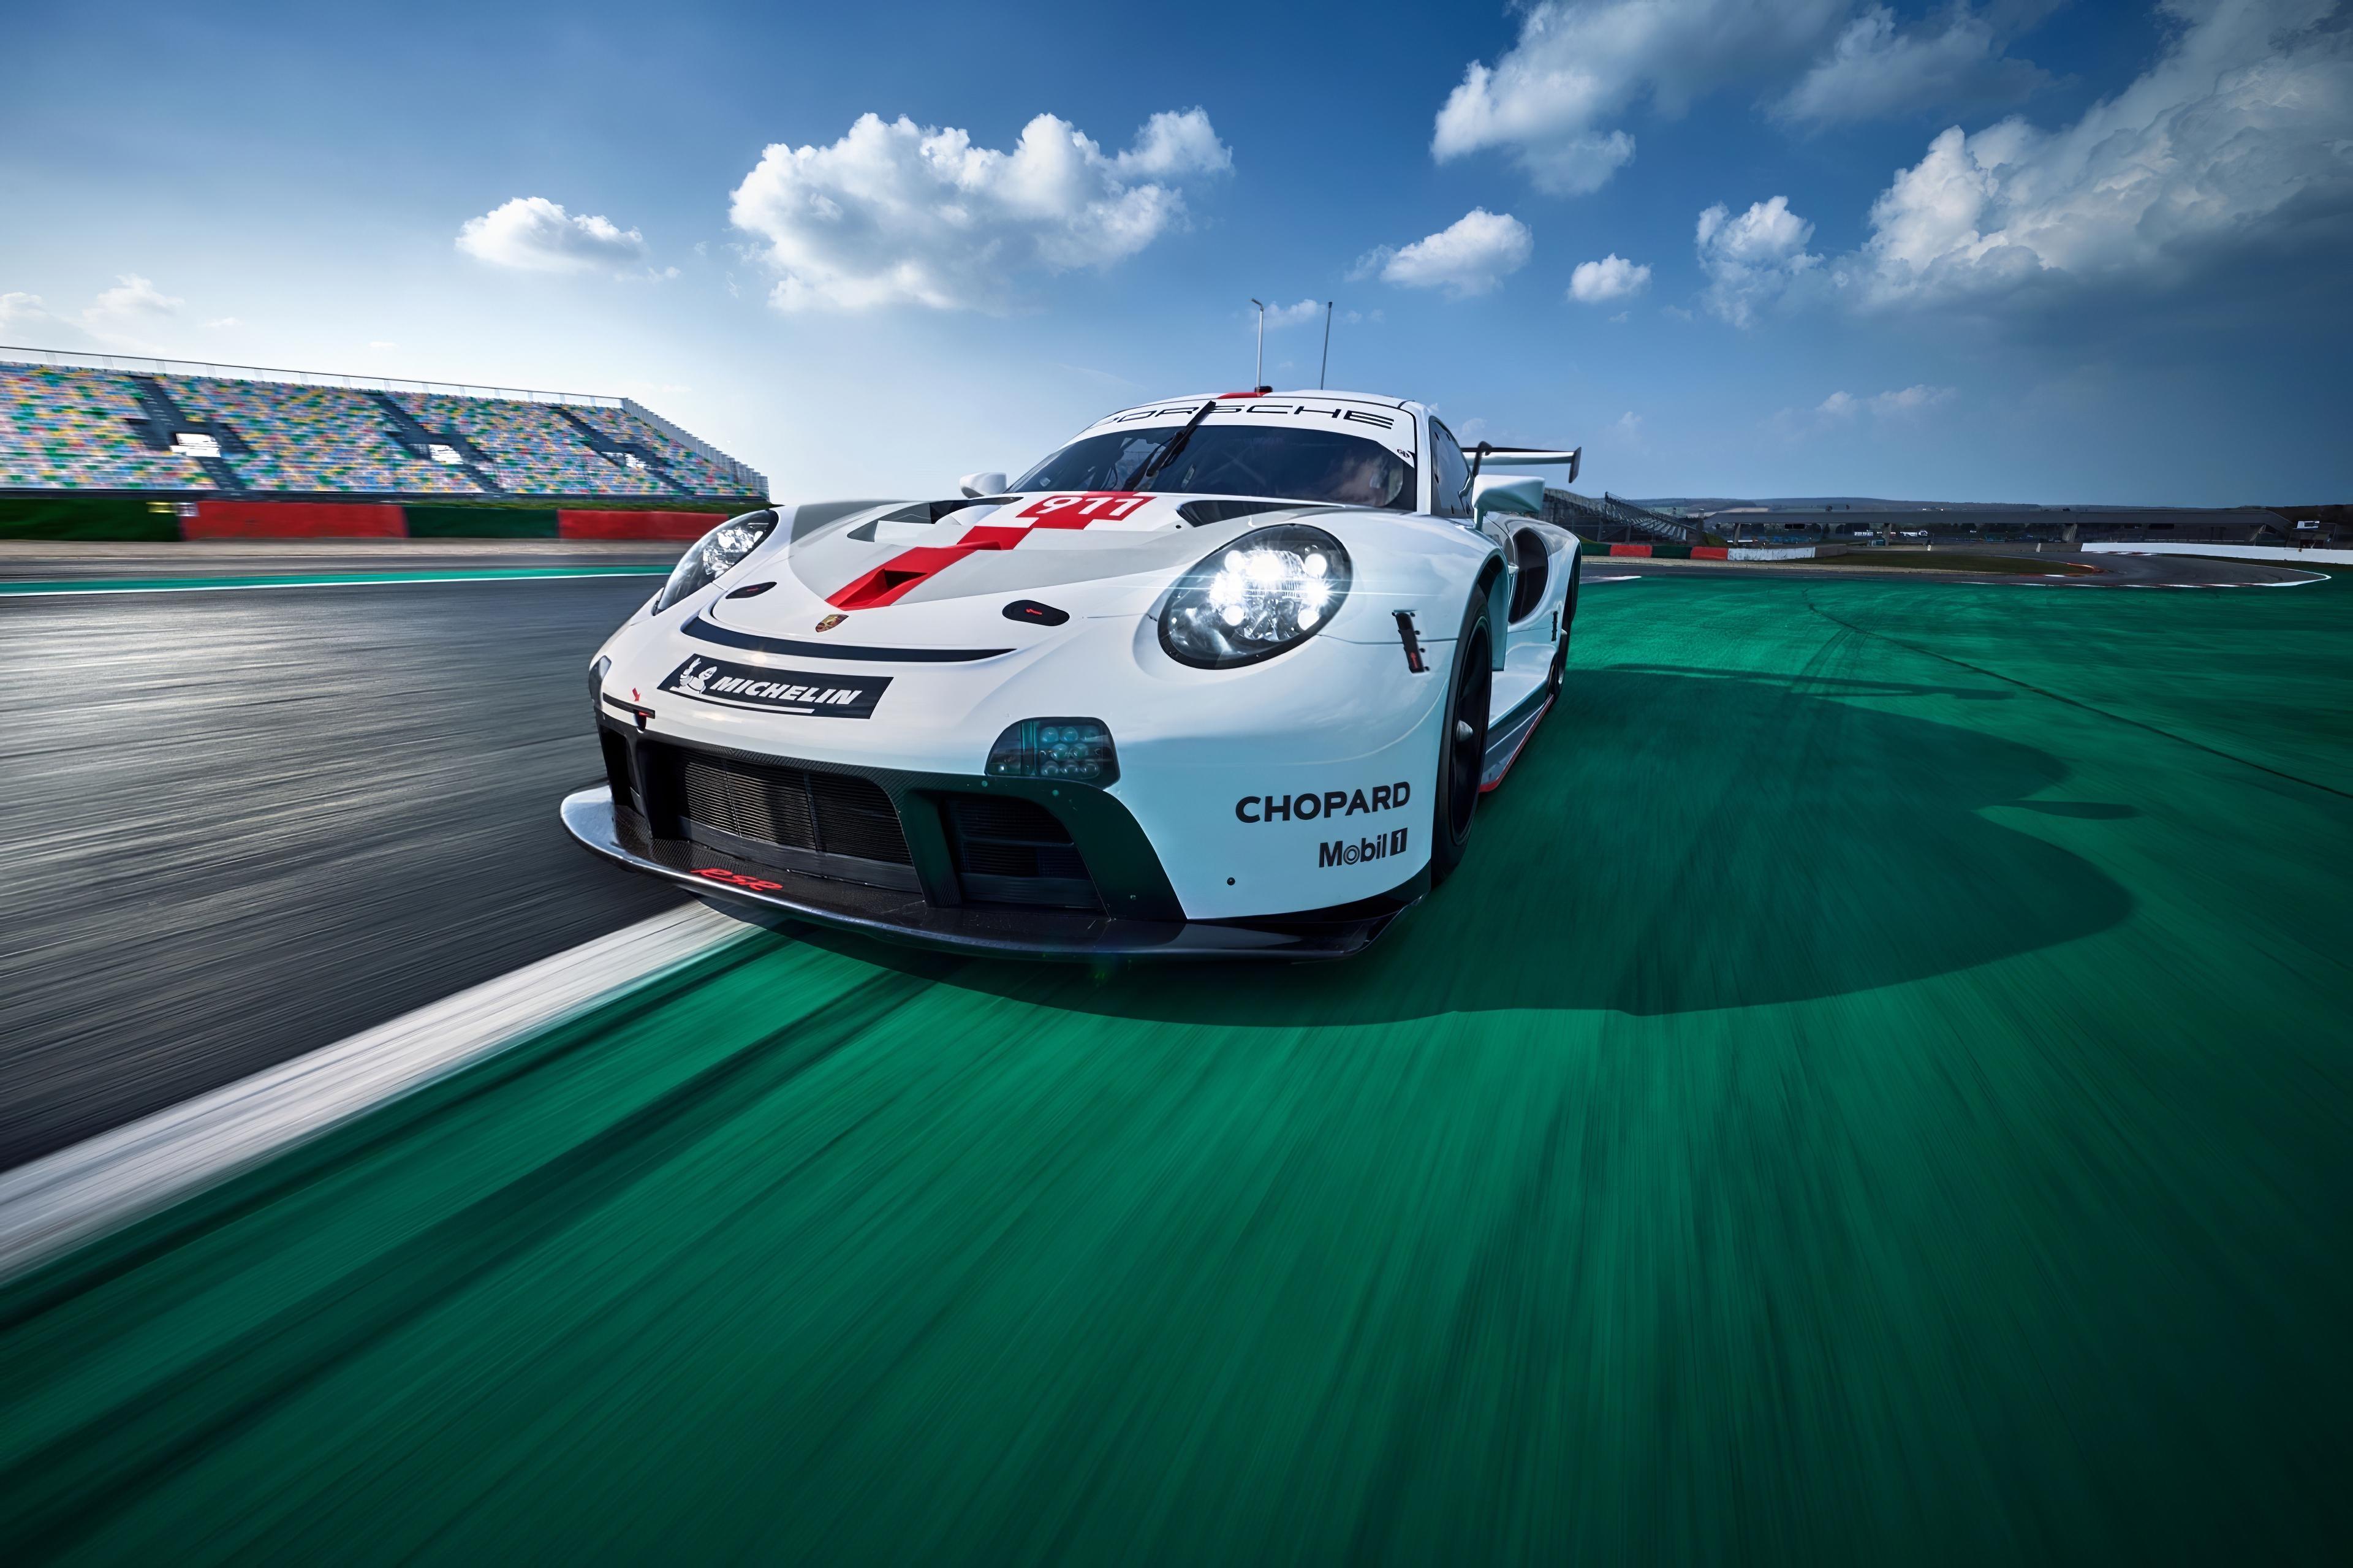 porsche 911 rsr 2020 1579649255 - Porsche 911 RSR 2020 -